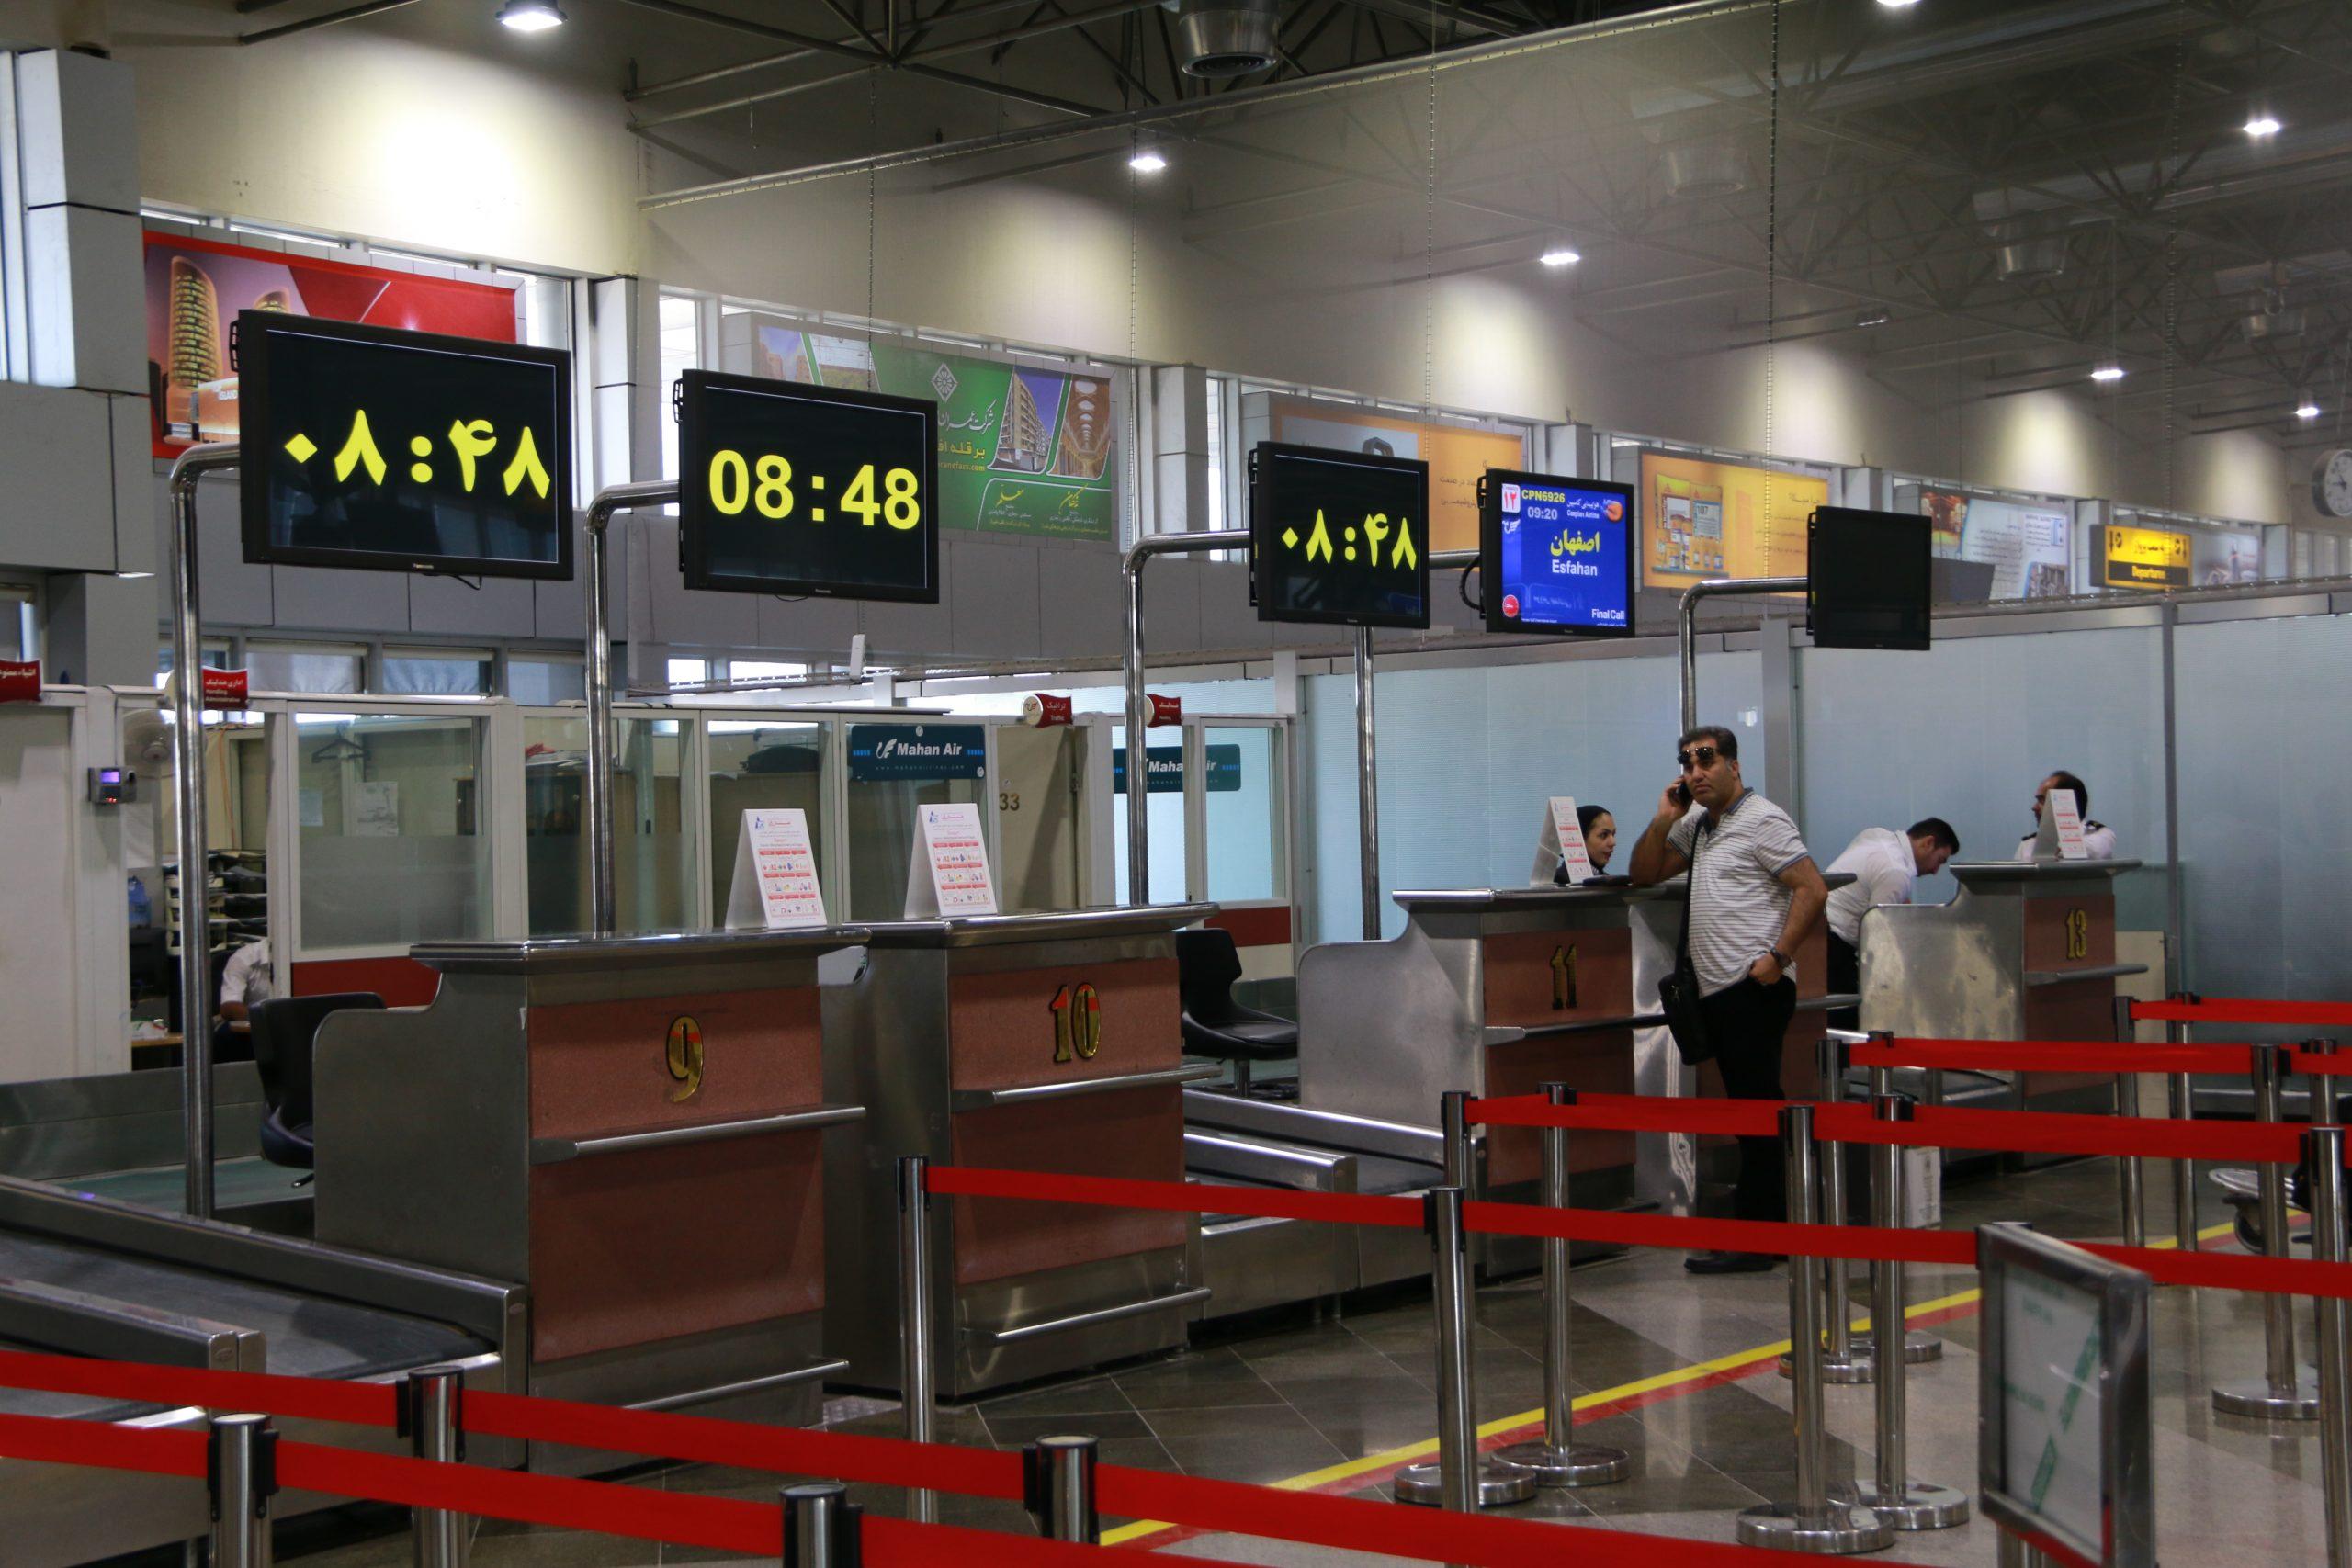 استانداردسازی تبلیغاتی (نصب آگهی در سالن های فرودگاه)